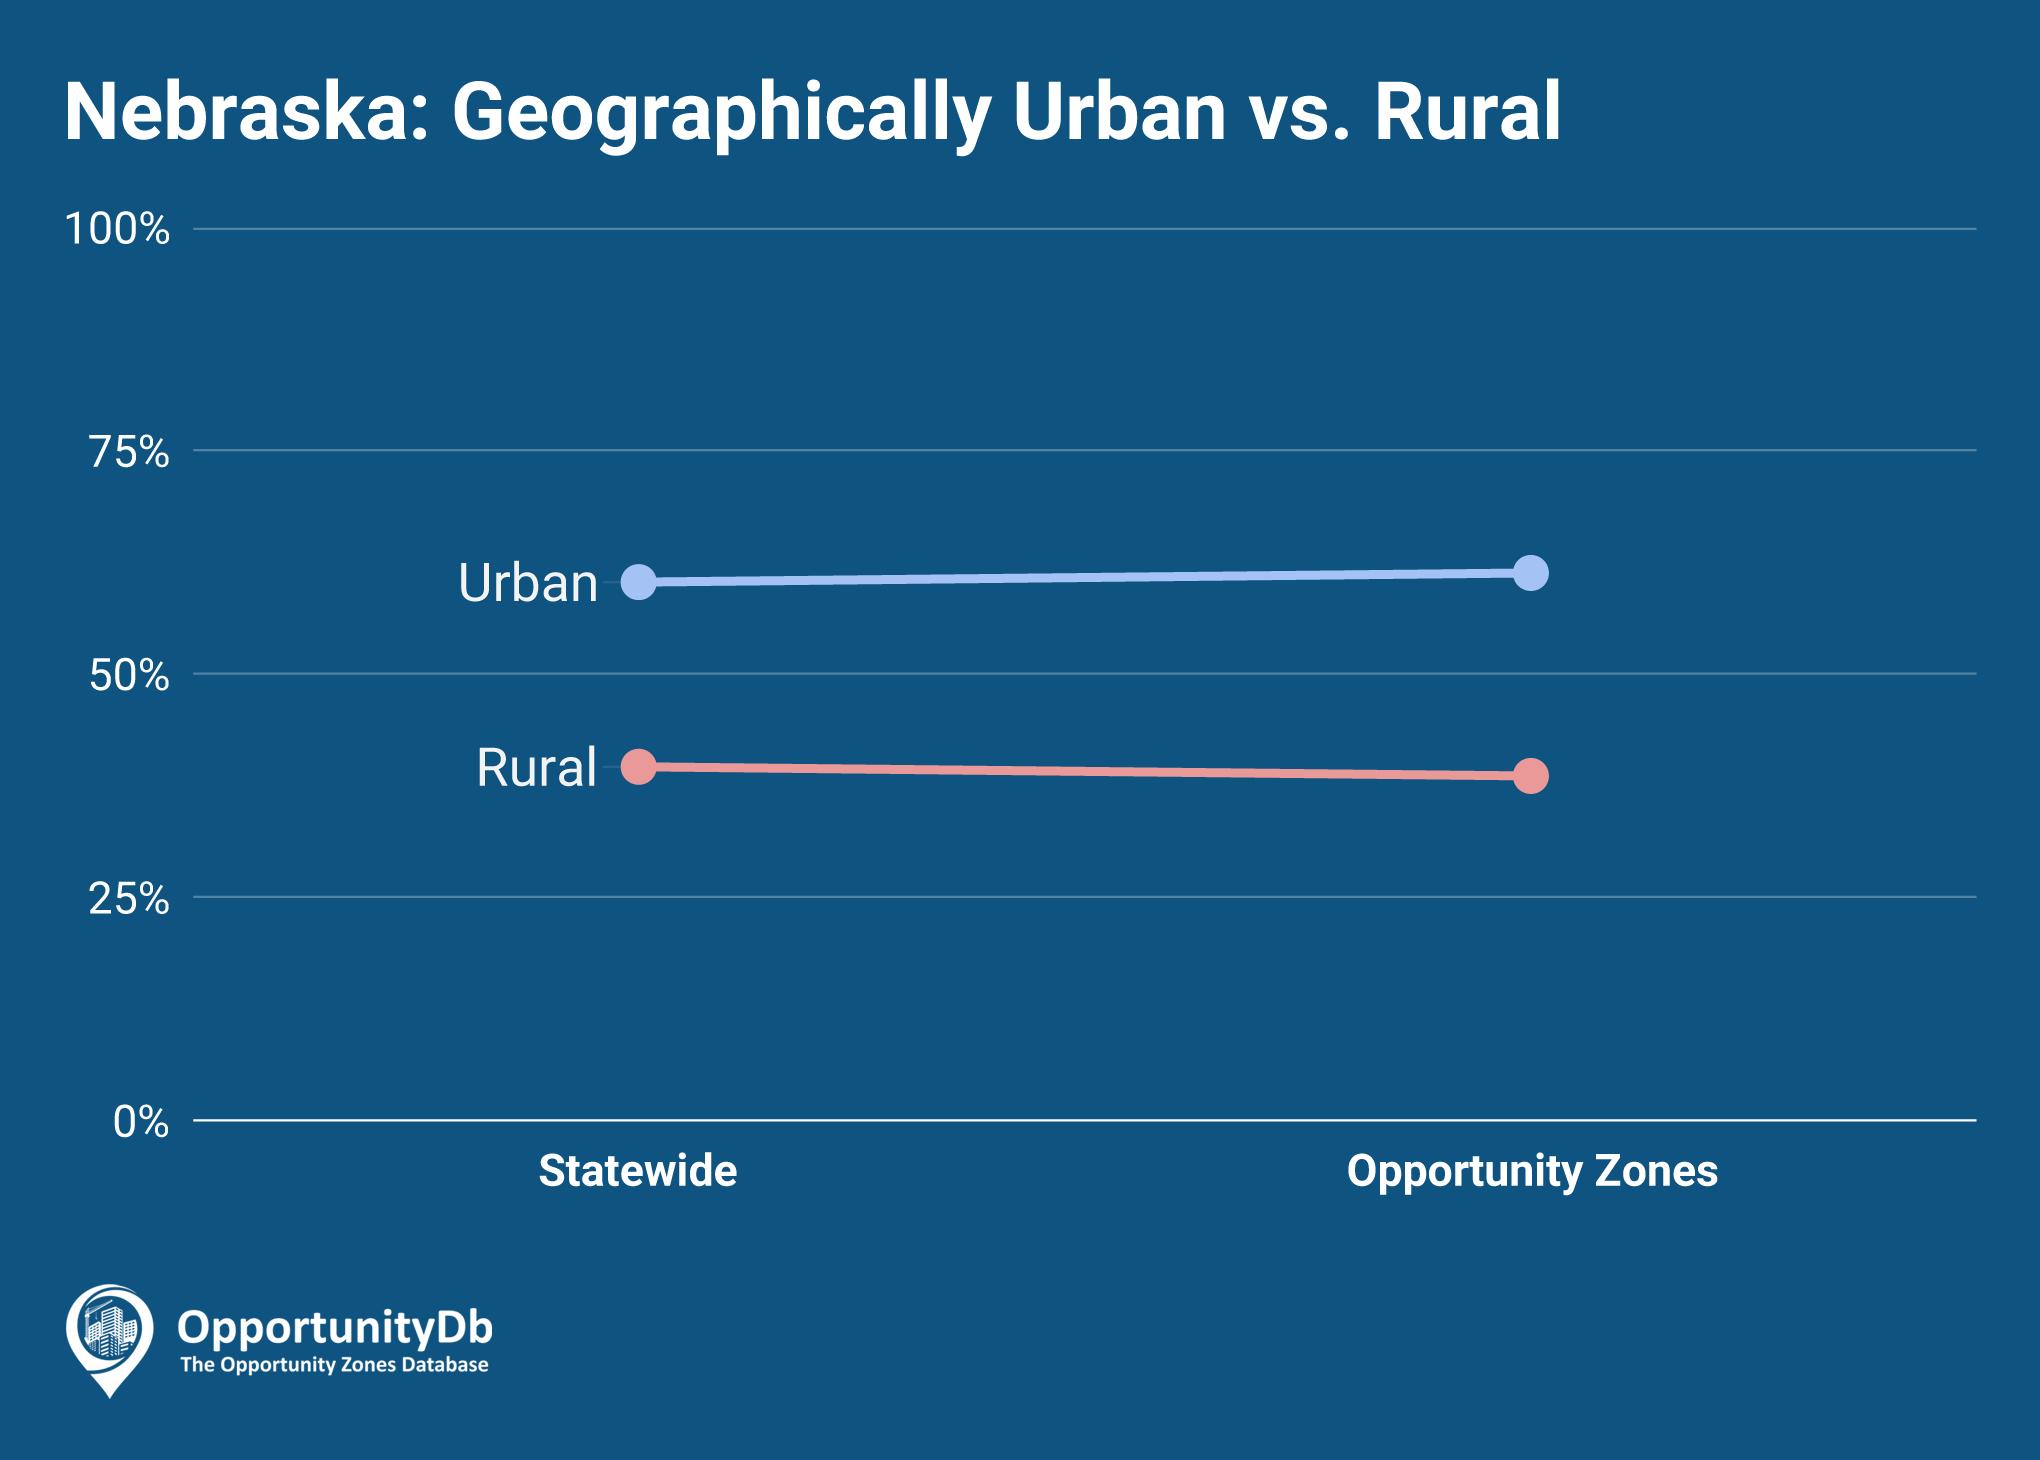 Urban vs. Rural in Nebraska Opportunity Zones